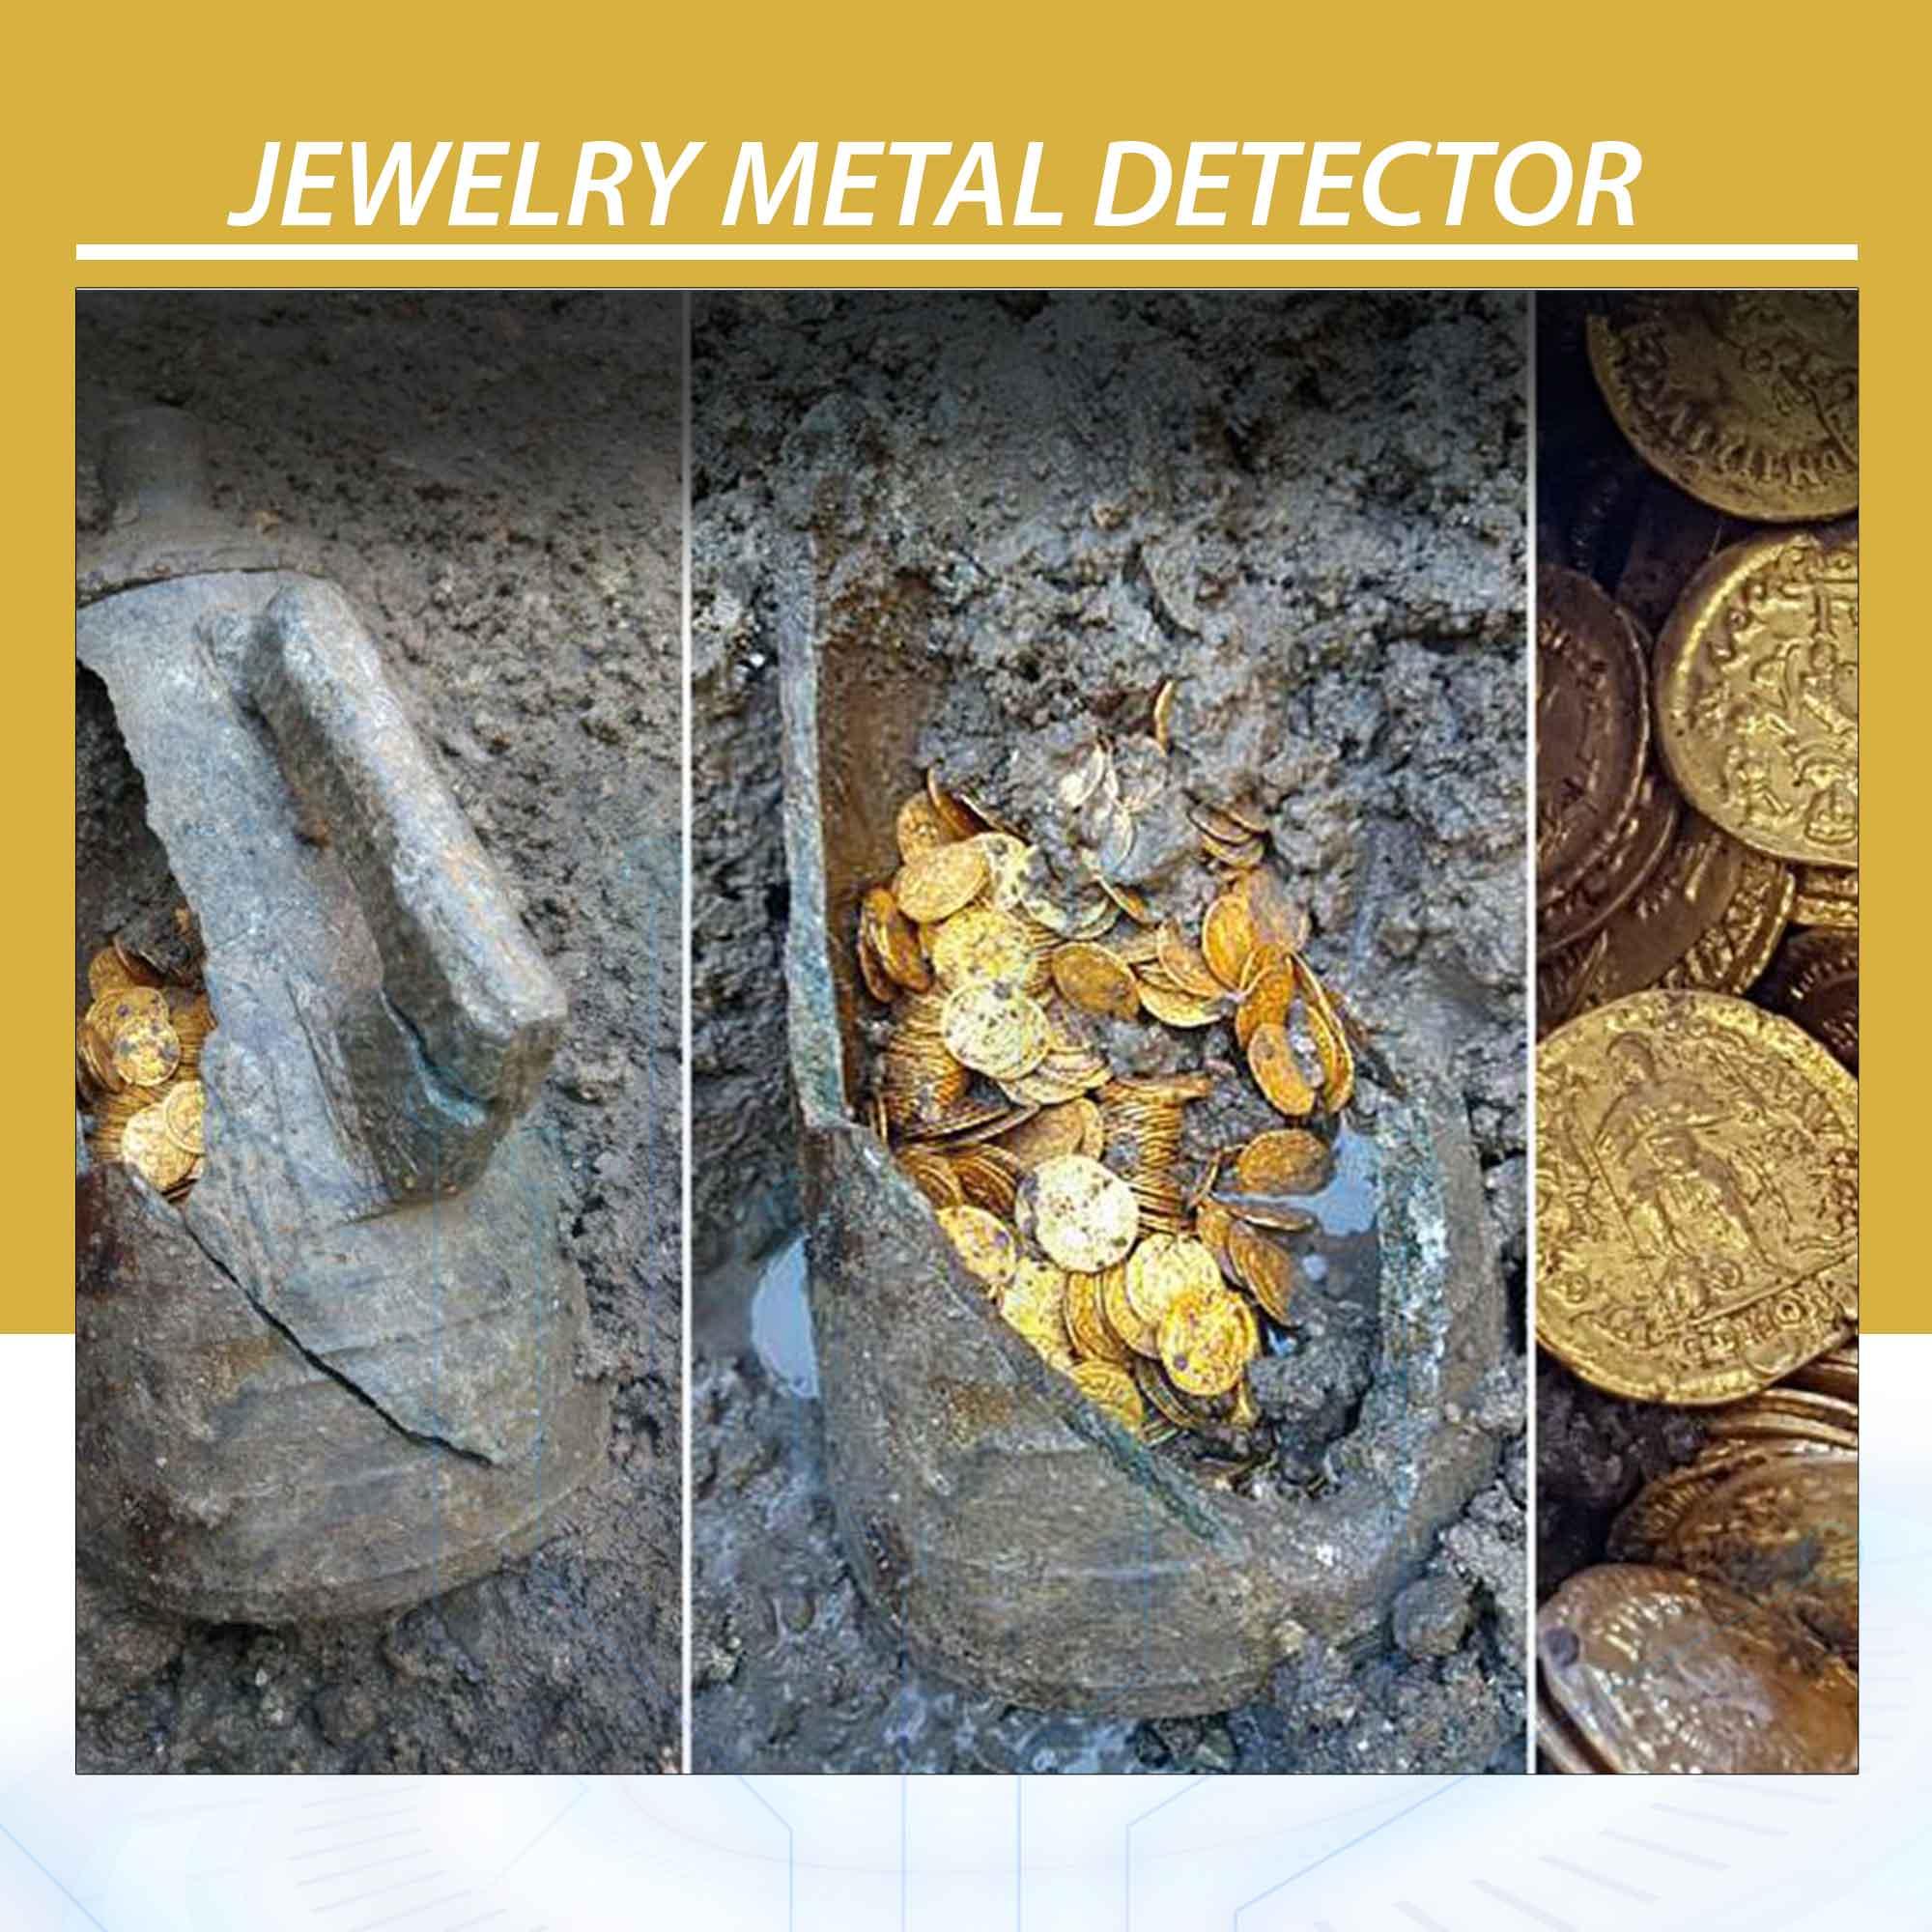 Jewelry Metal Detector